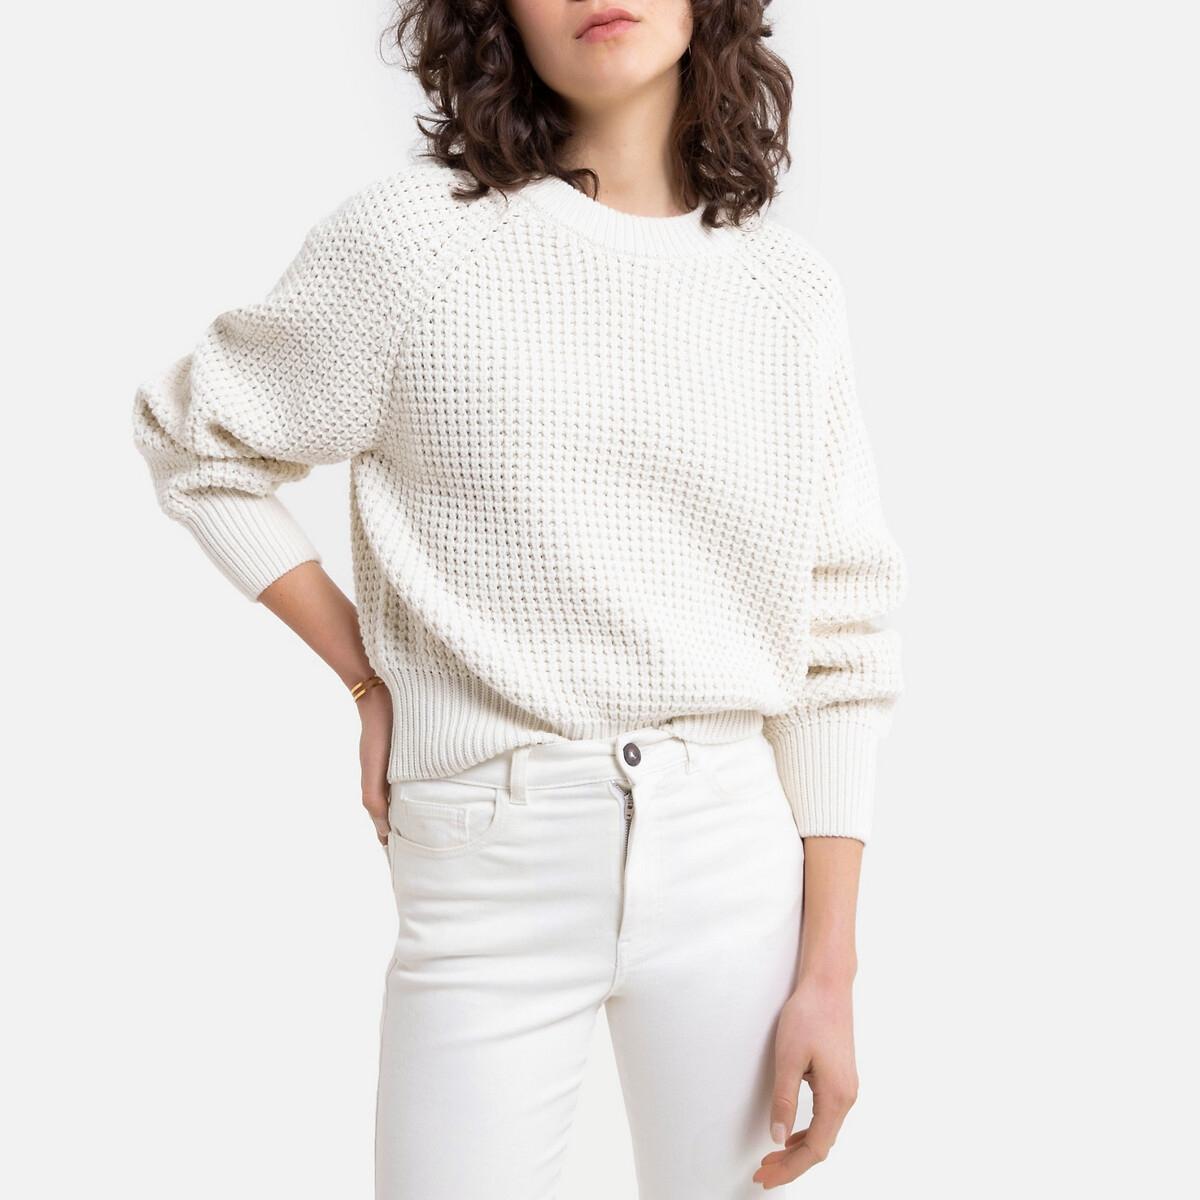 Пуловер La Redoute Ажурный из плотного трикотажа L белый